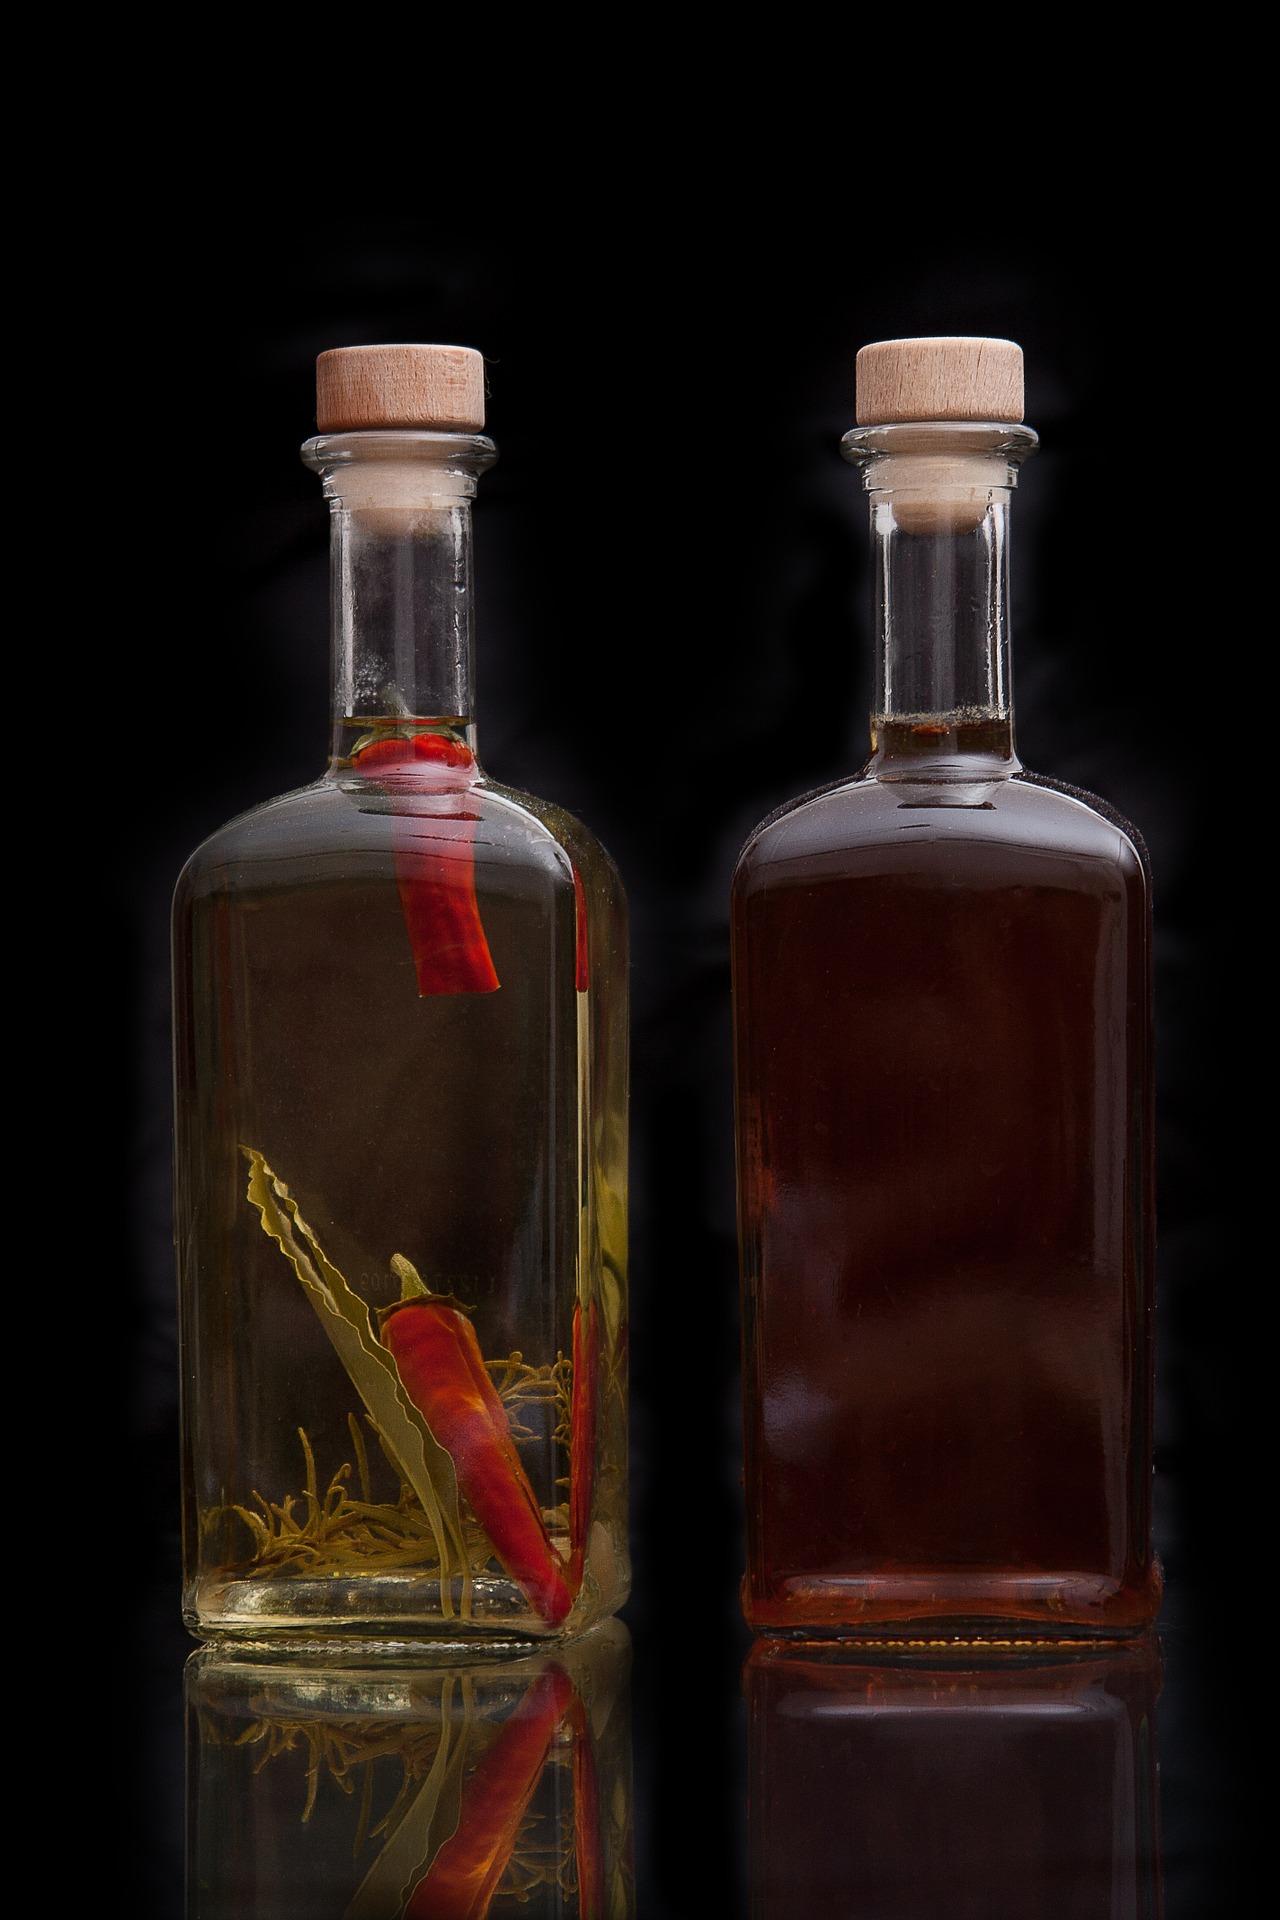 vinegar-759600_1920.jpg